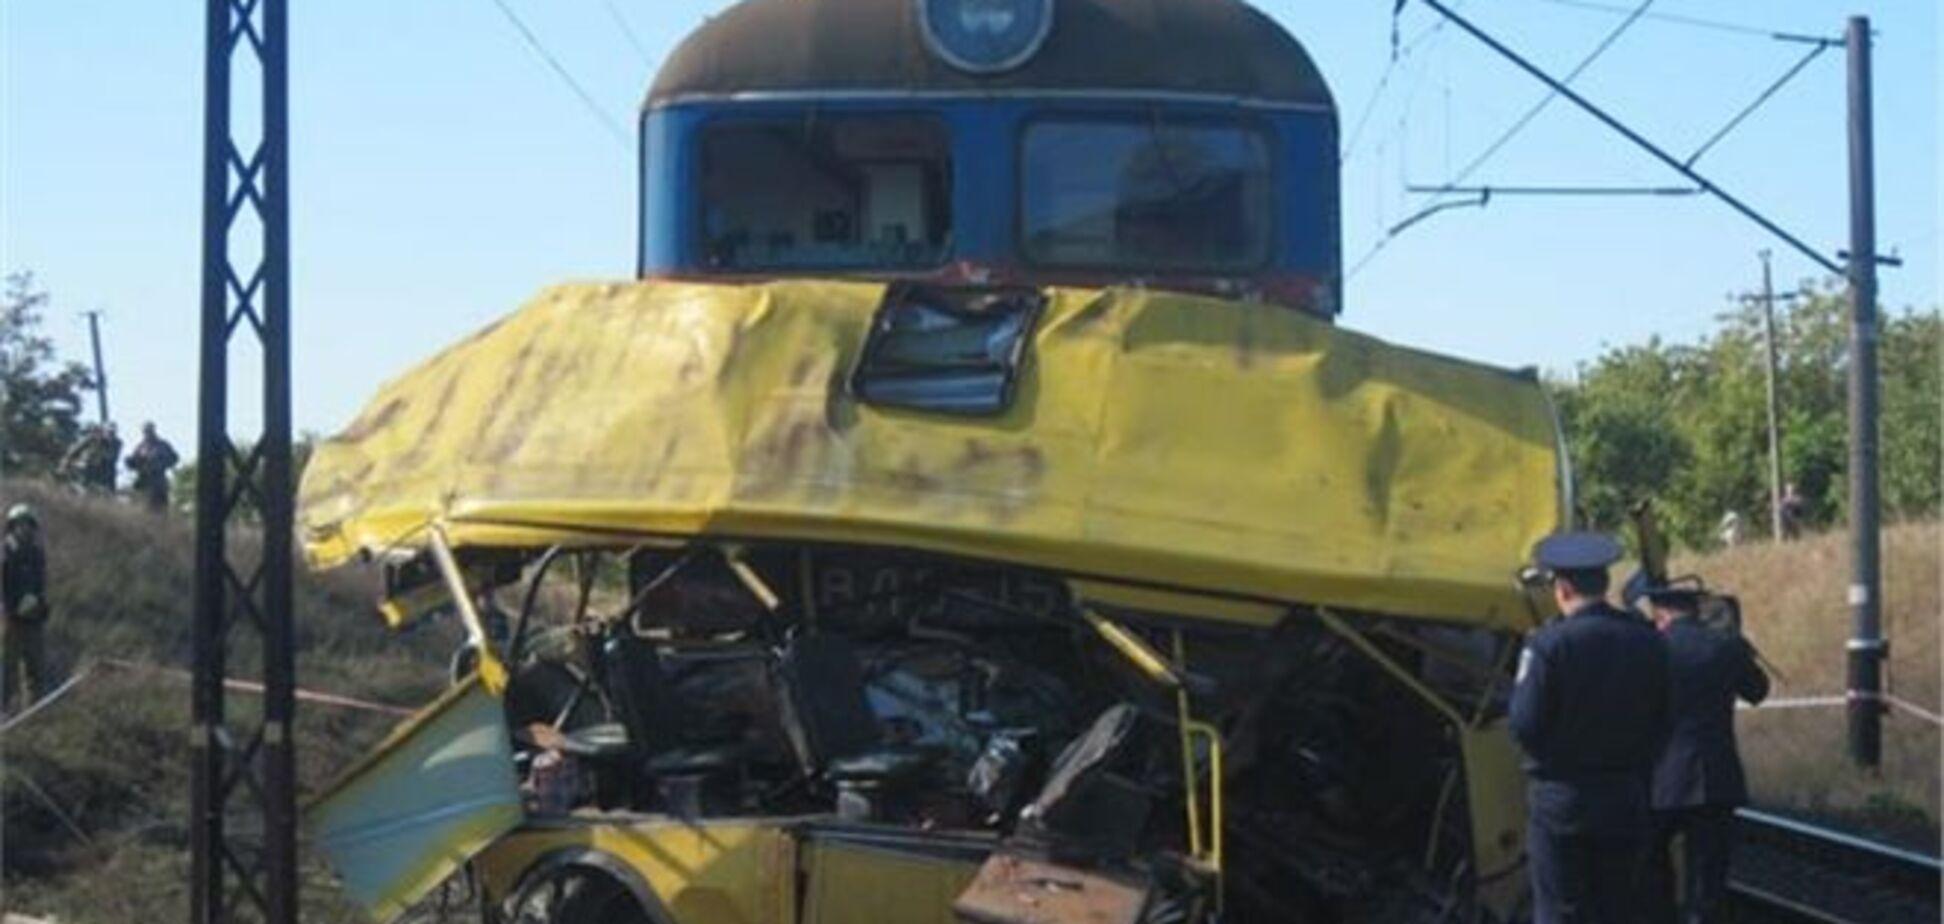 Зіткнення на переїзді з 45 жертвами: власник автобуса отримав 5 років